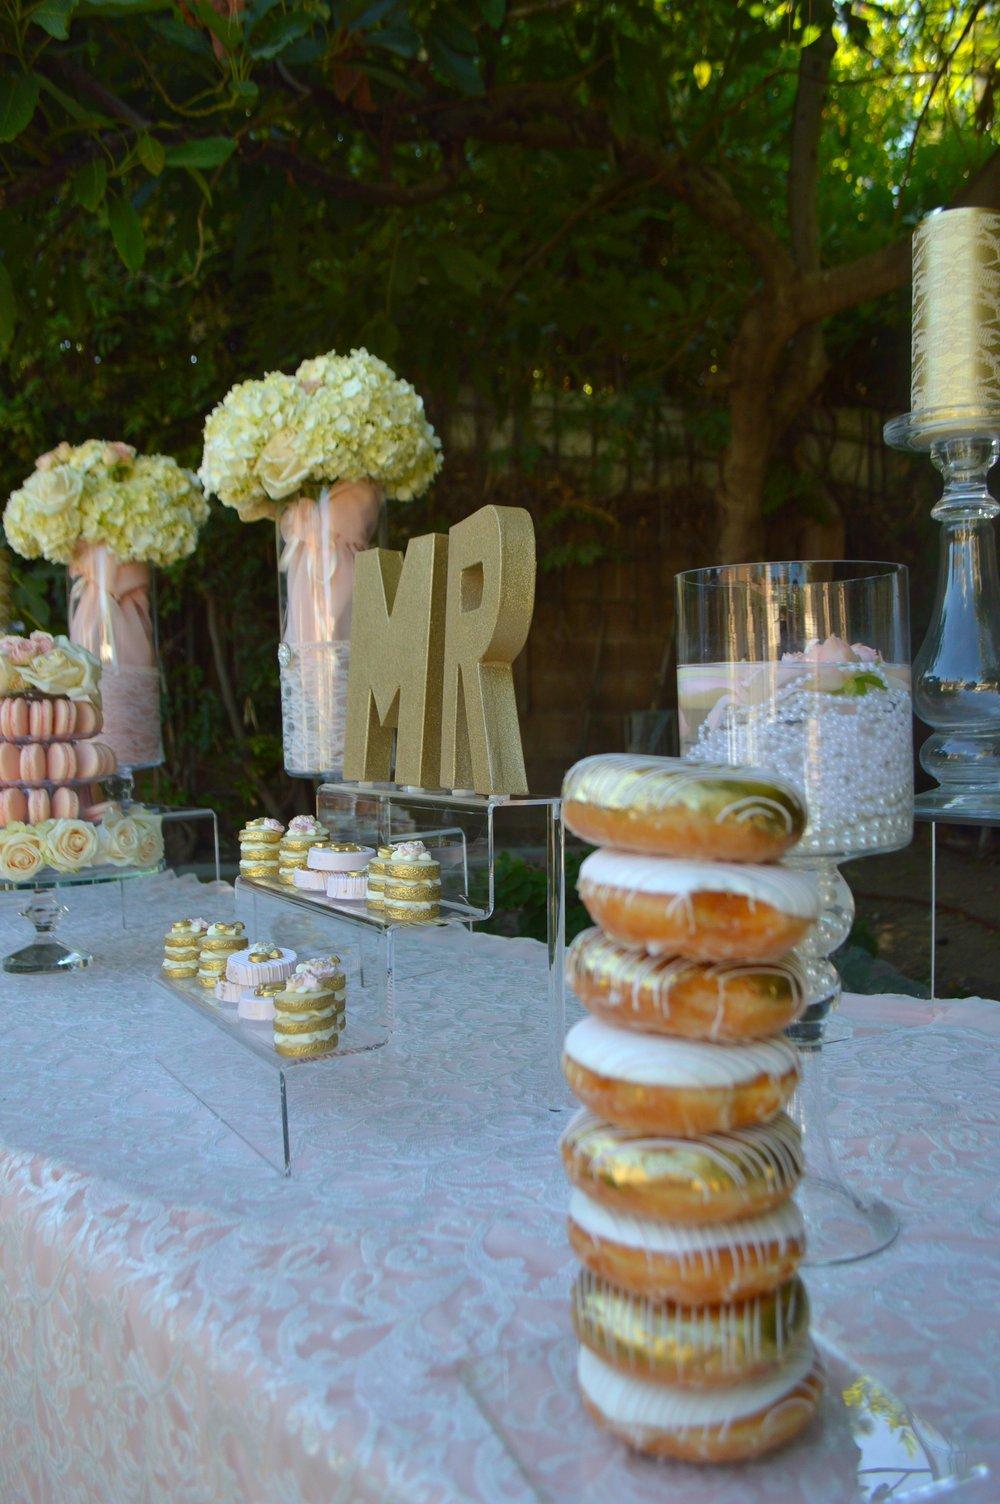 Wedding Dessert Table-wedding ideas-wedding desserts-wedding-lace table cloth-wedding ideas-garden wedding-www.SugarPartiesLA.com.jpg